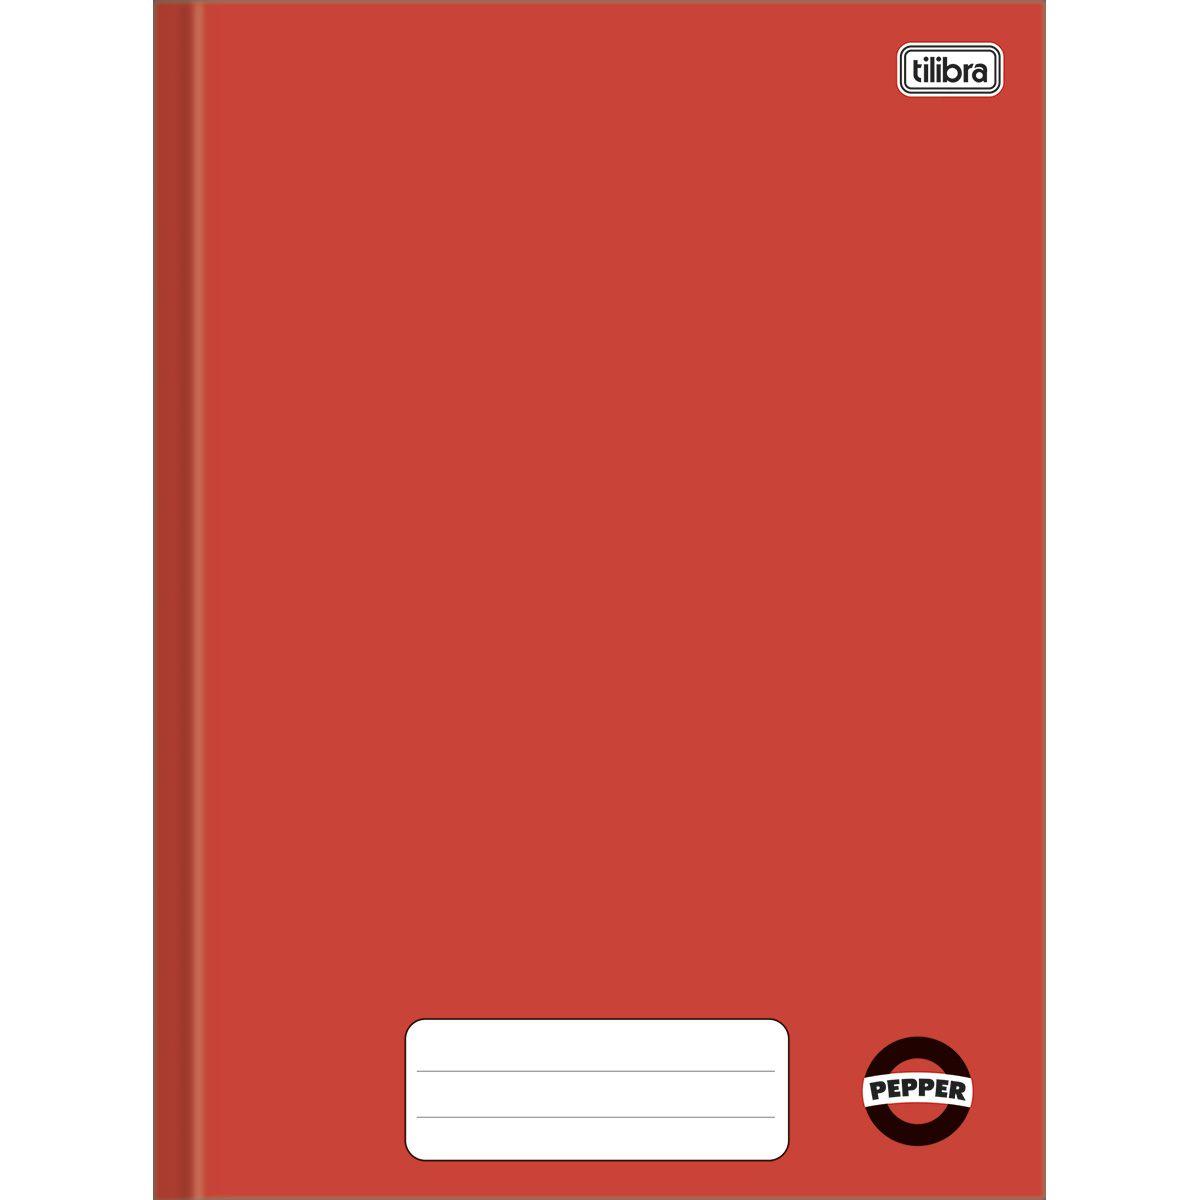 Caderno brochura 80 fls vermelho PEPPER Tilibra